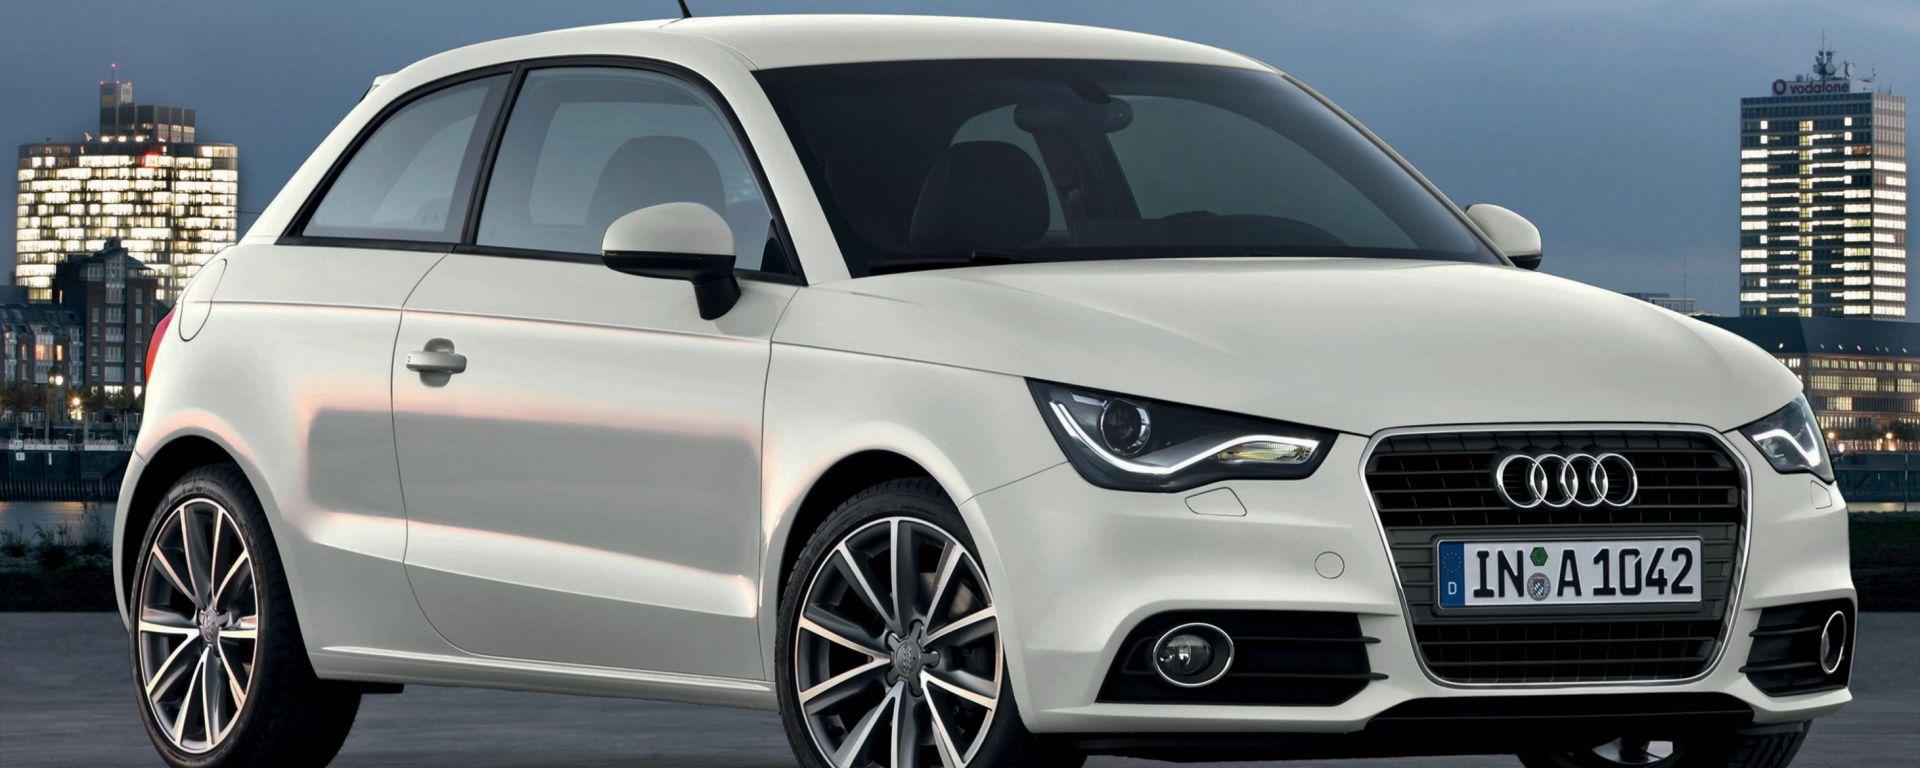 Audi A1 2.0 TDI da 143 cv